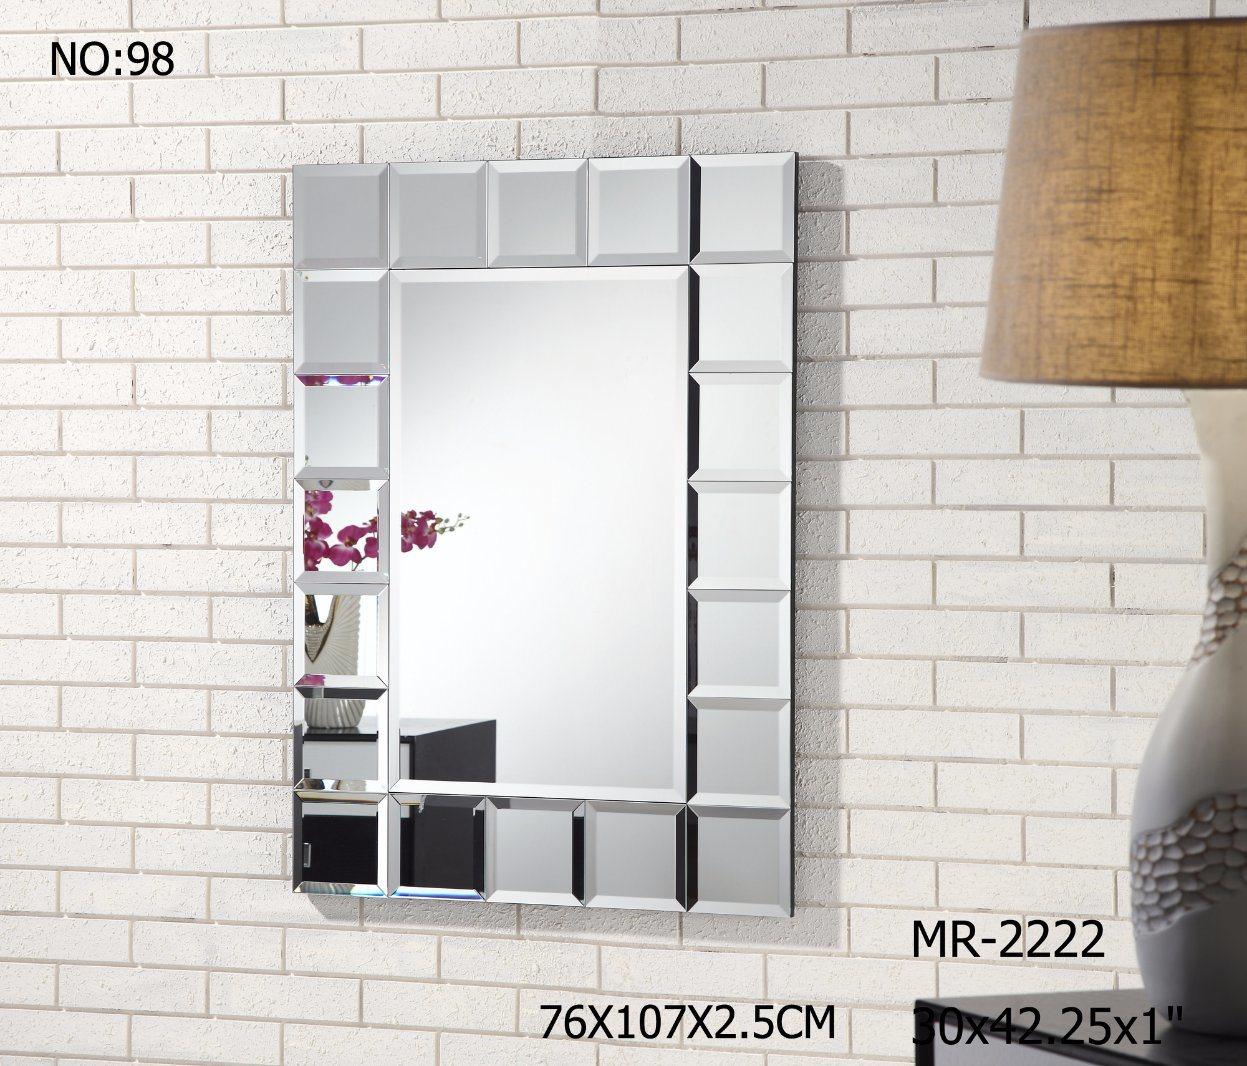 Miroir Salle De Sejour la salle de séjour mur miroir pour la décoration d'accueil